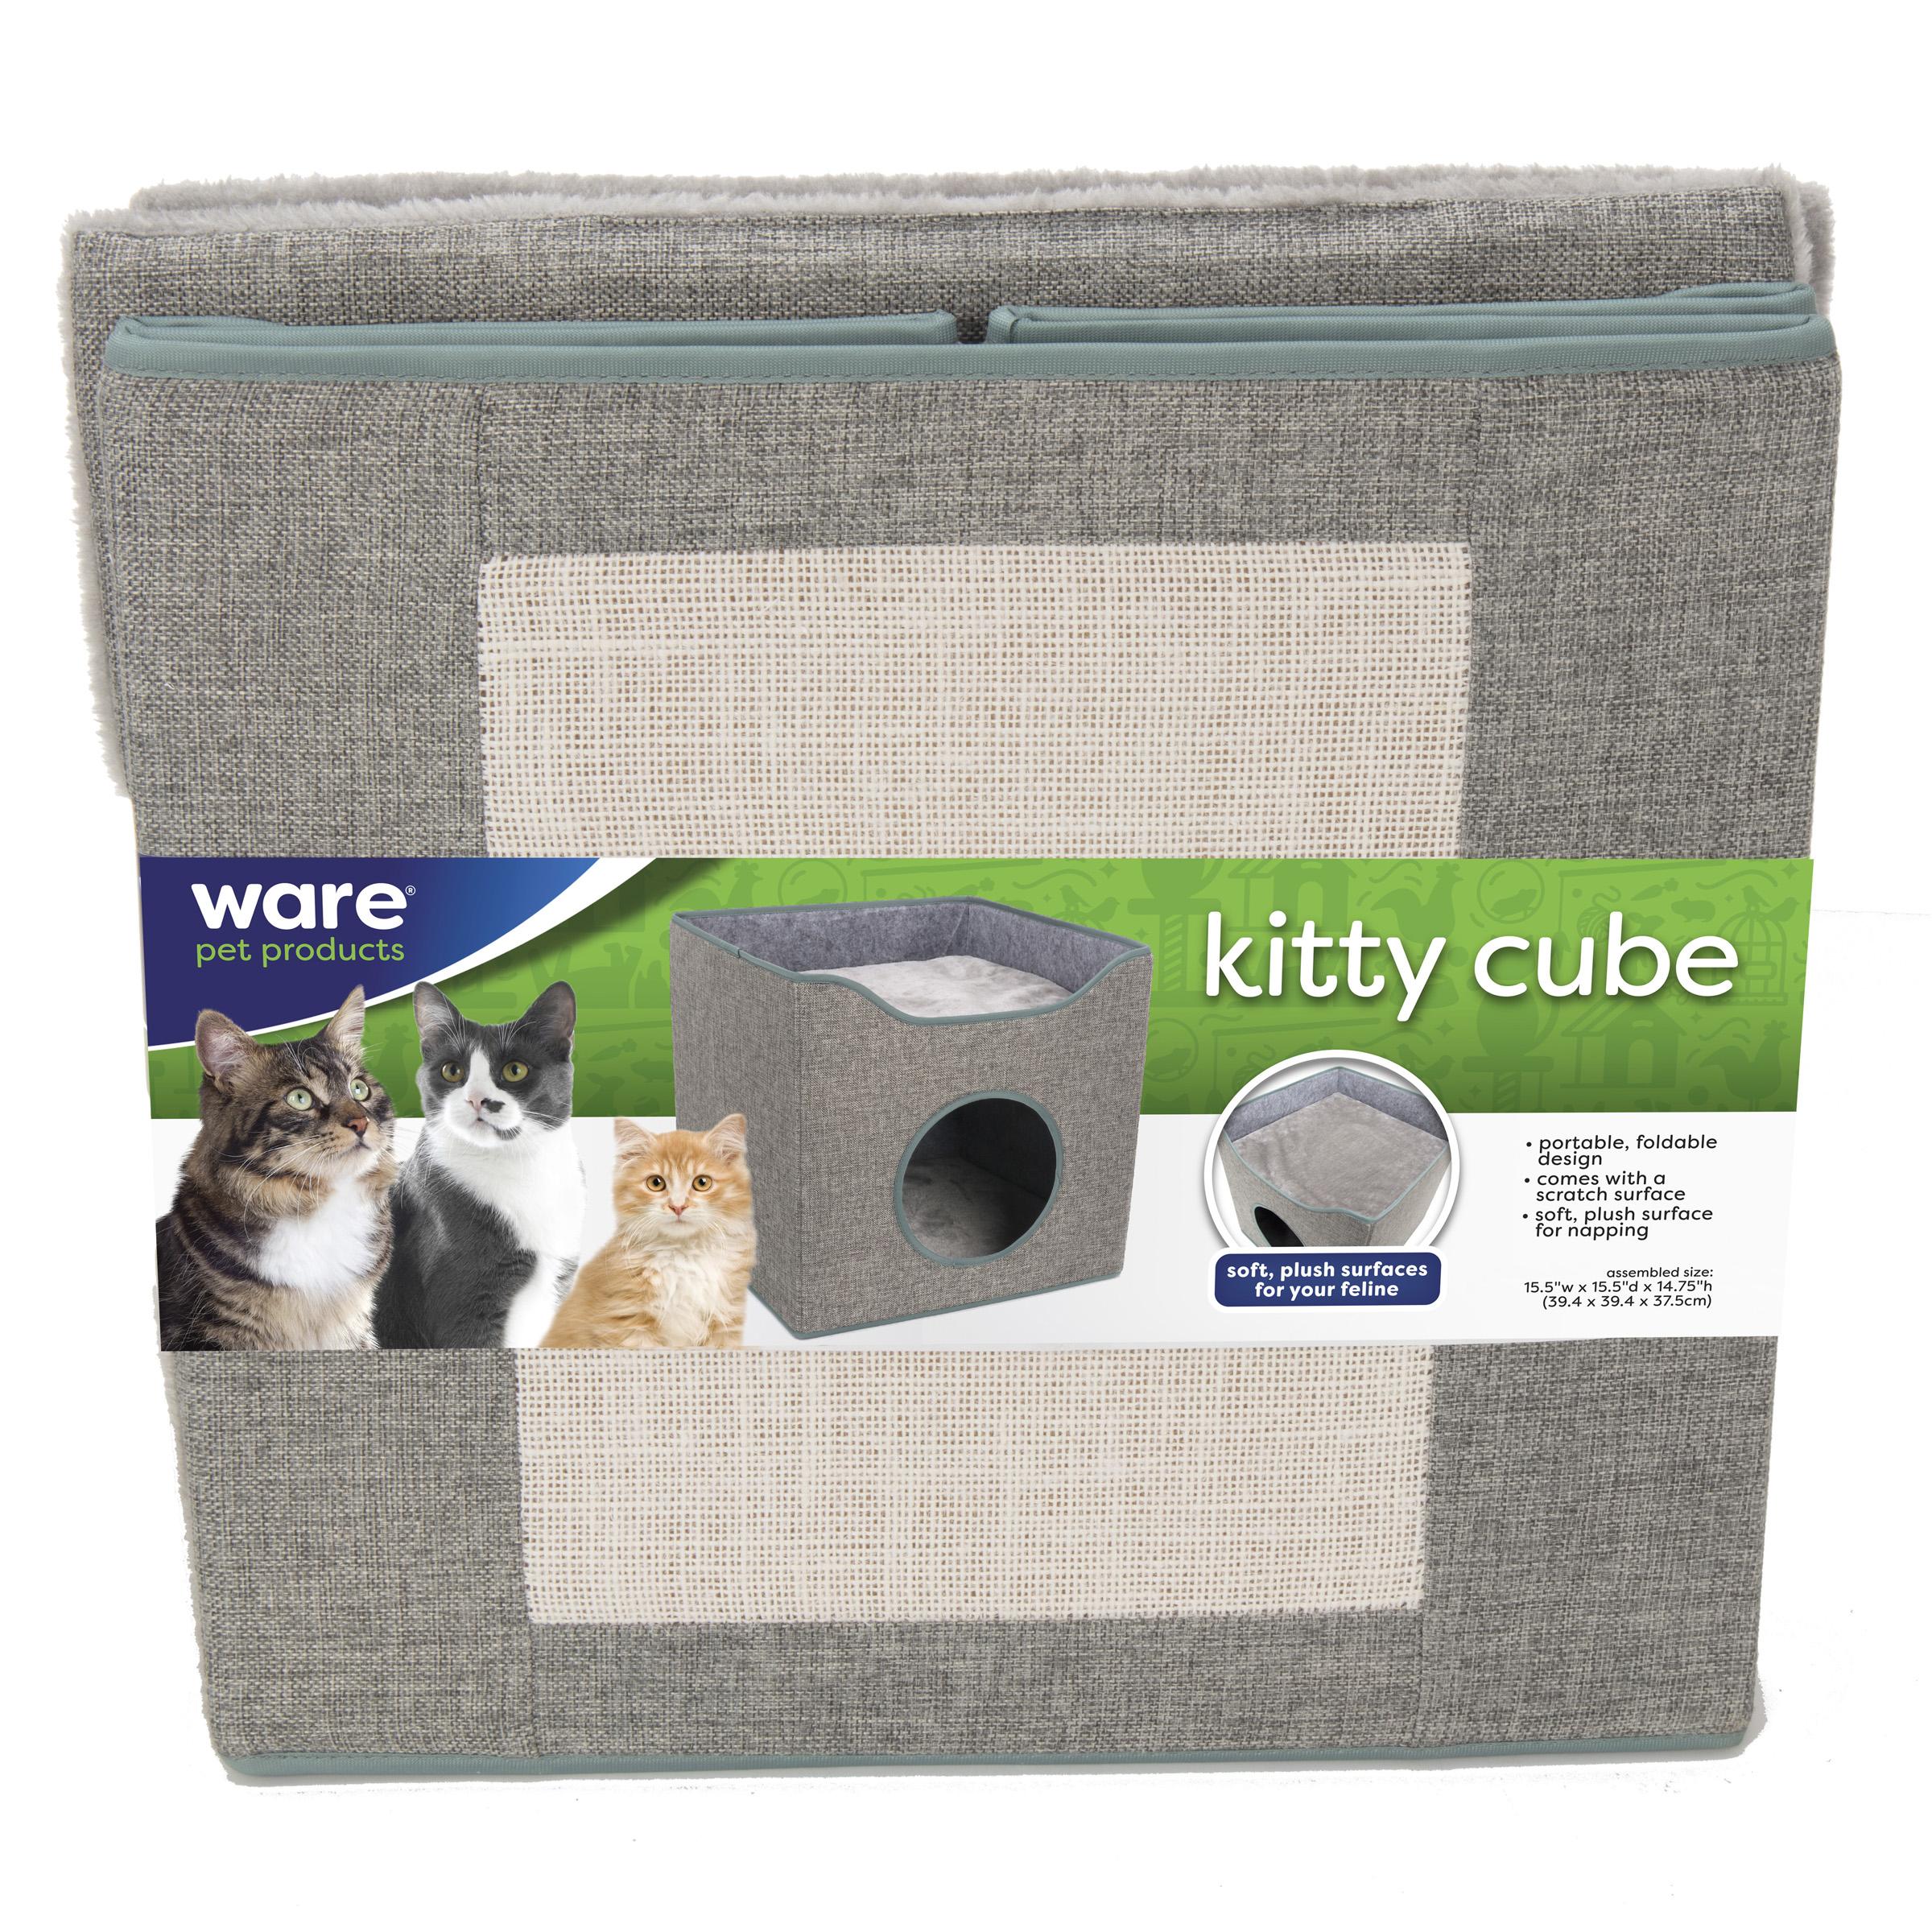 Kit-e-Cube